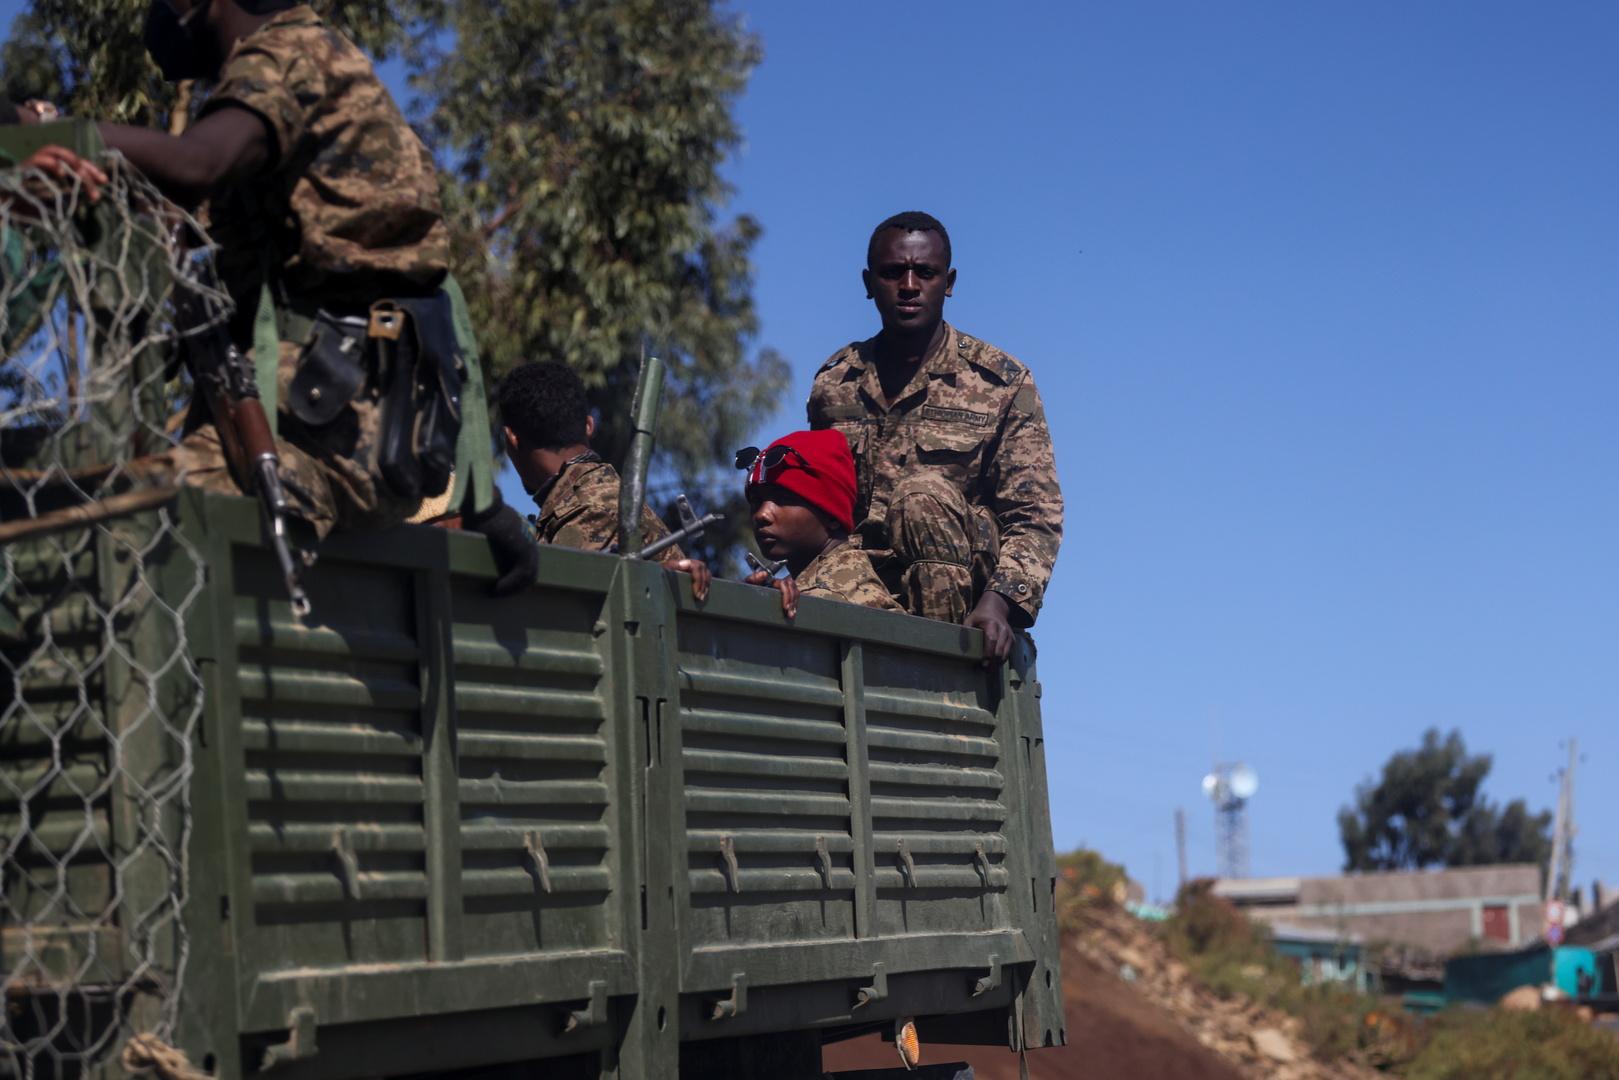 واشنطن: ندرس التقارير حول المجازر في إقليم تيغراي بإثيوبيا